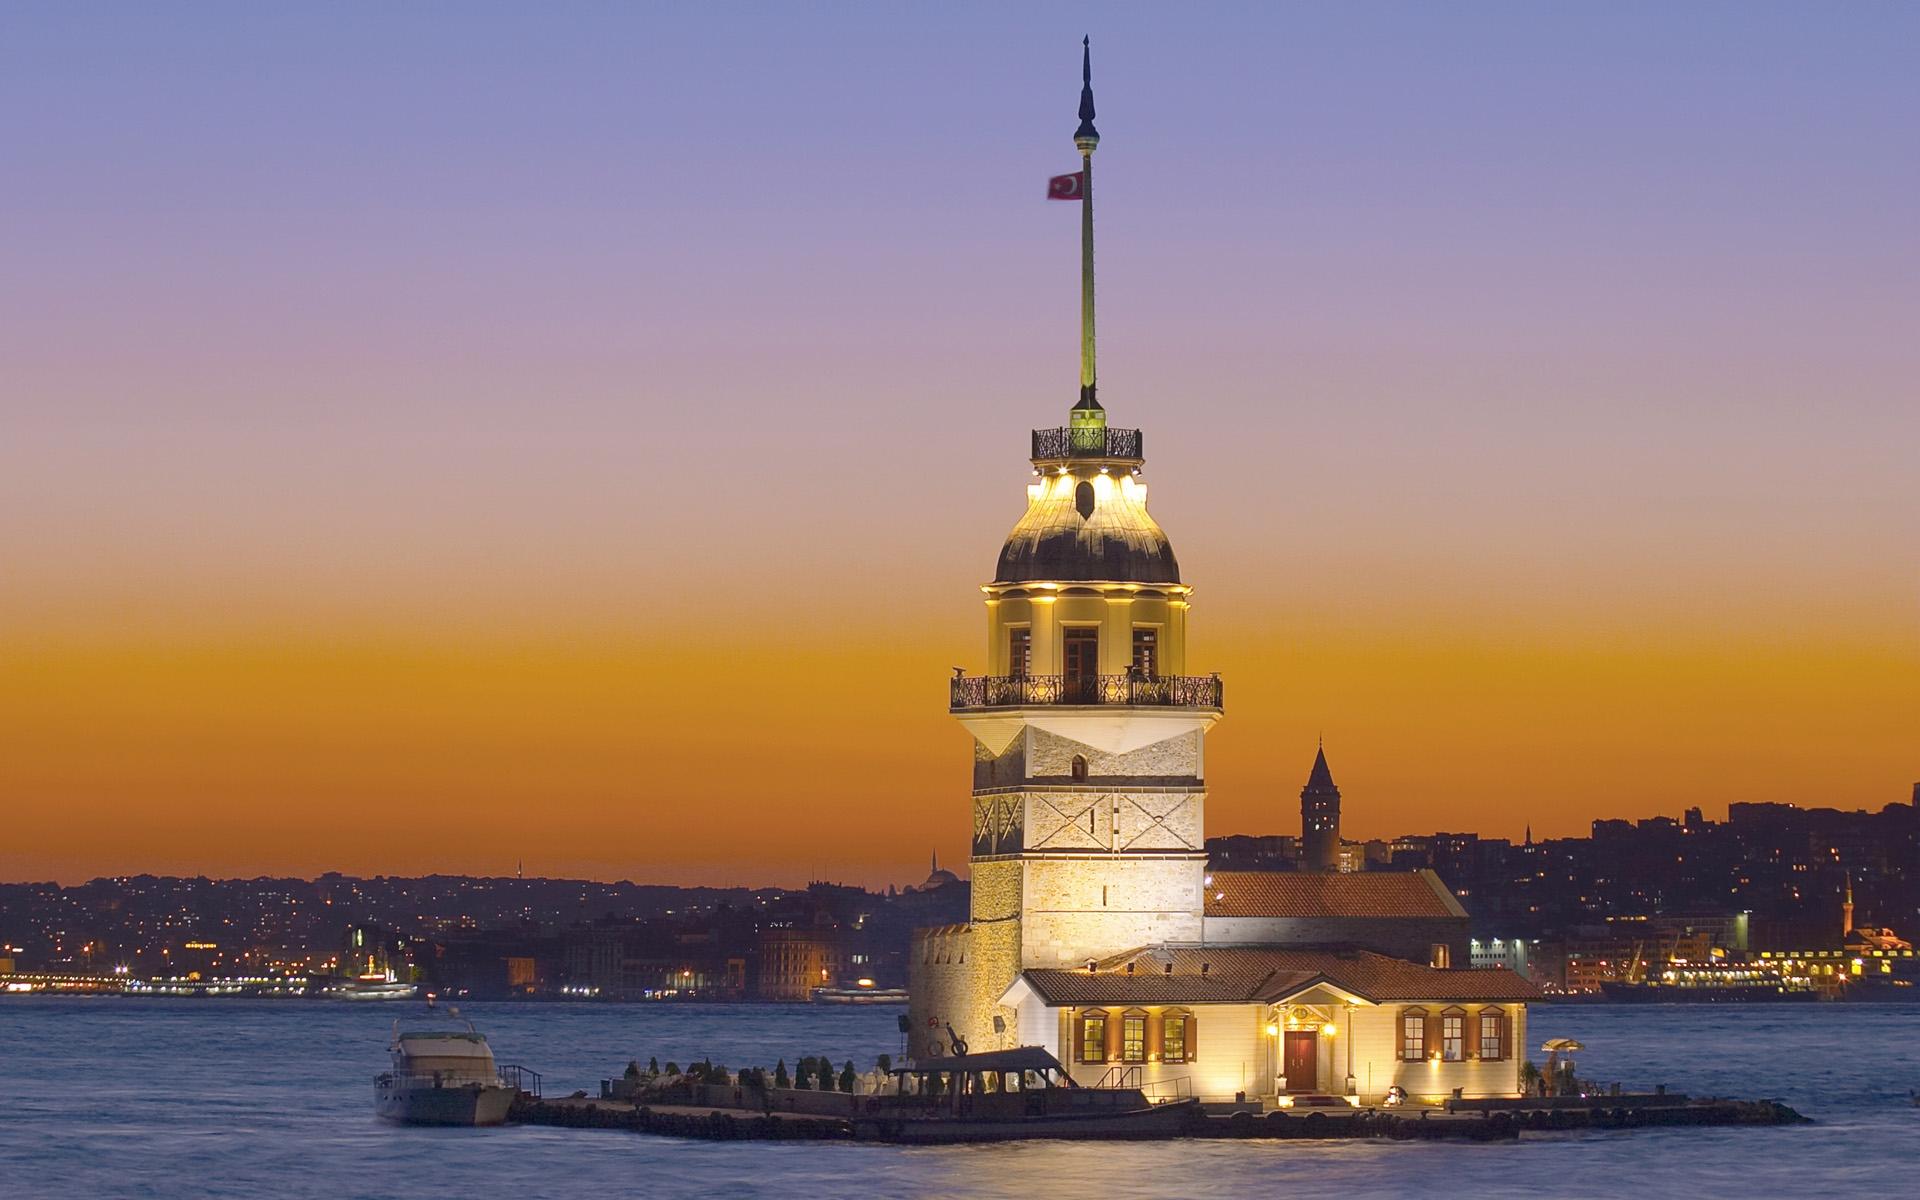 تركيا اسطنبول اهم الاماكن السياحية برج الفتاه